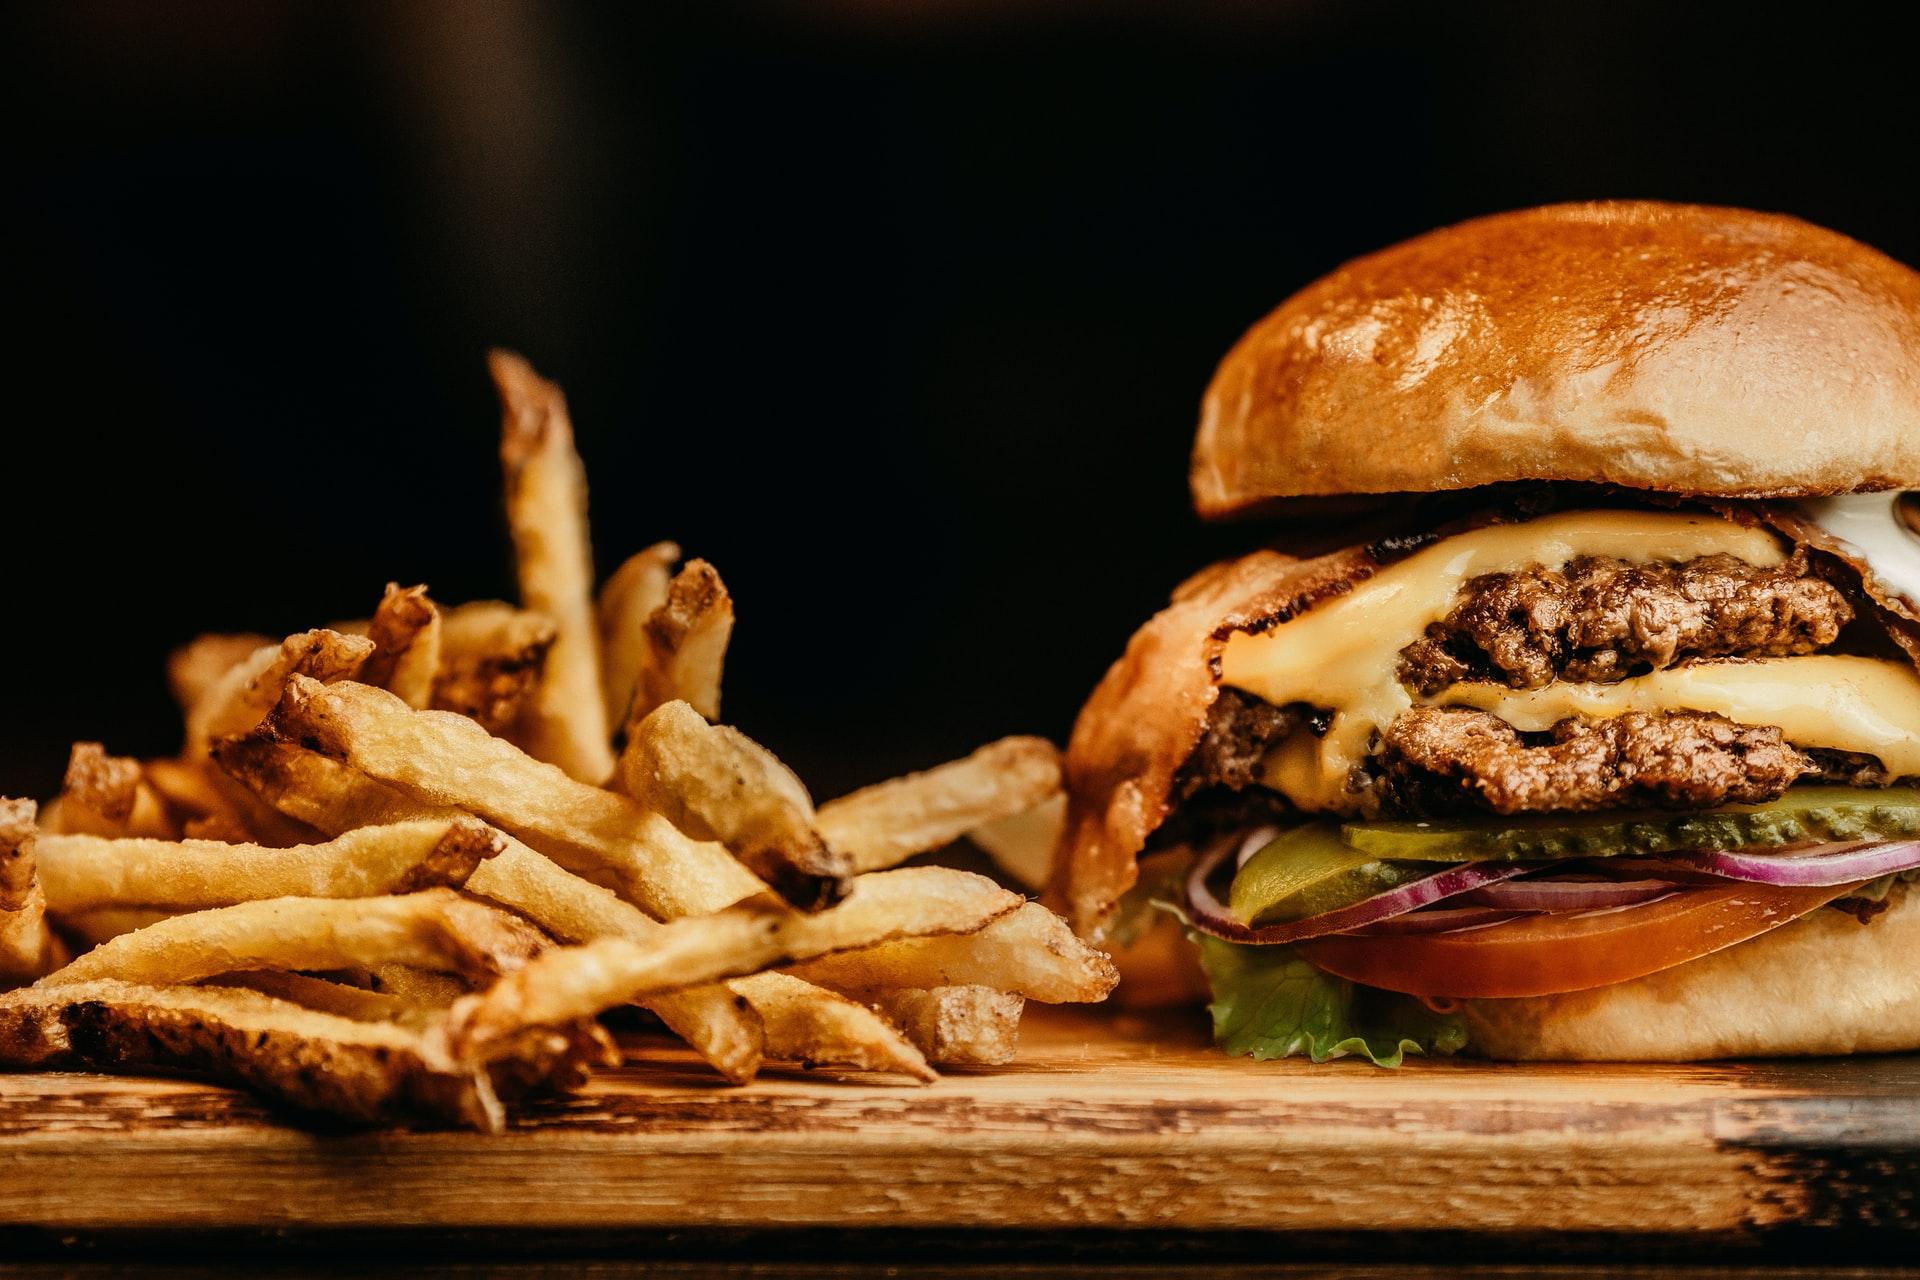 cum să mănânci burgeri și să piardă în greutate kevin malone pierdere în greutate